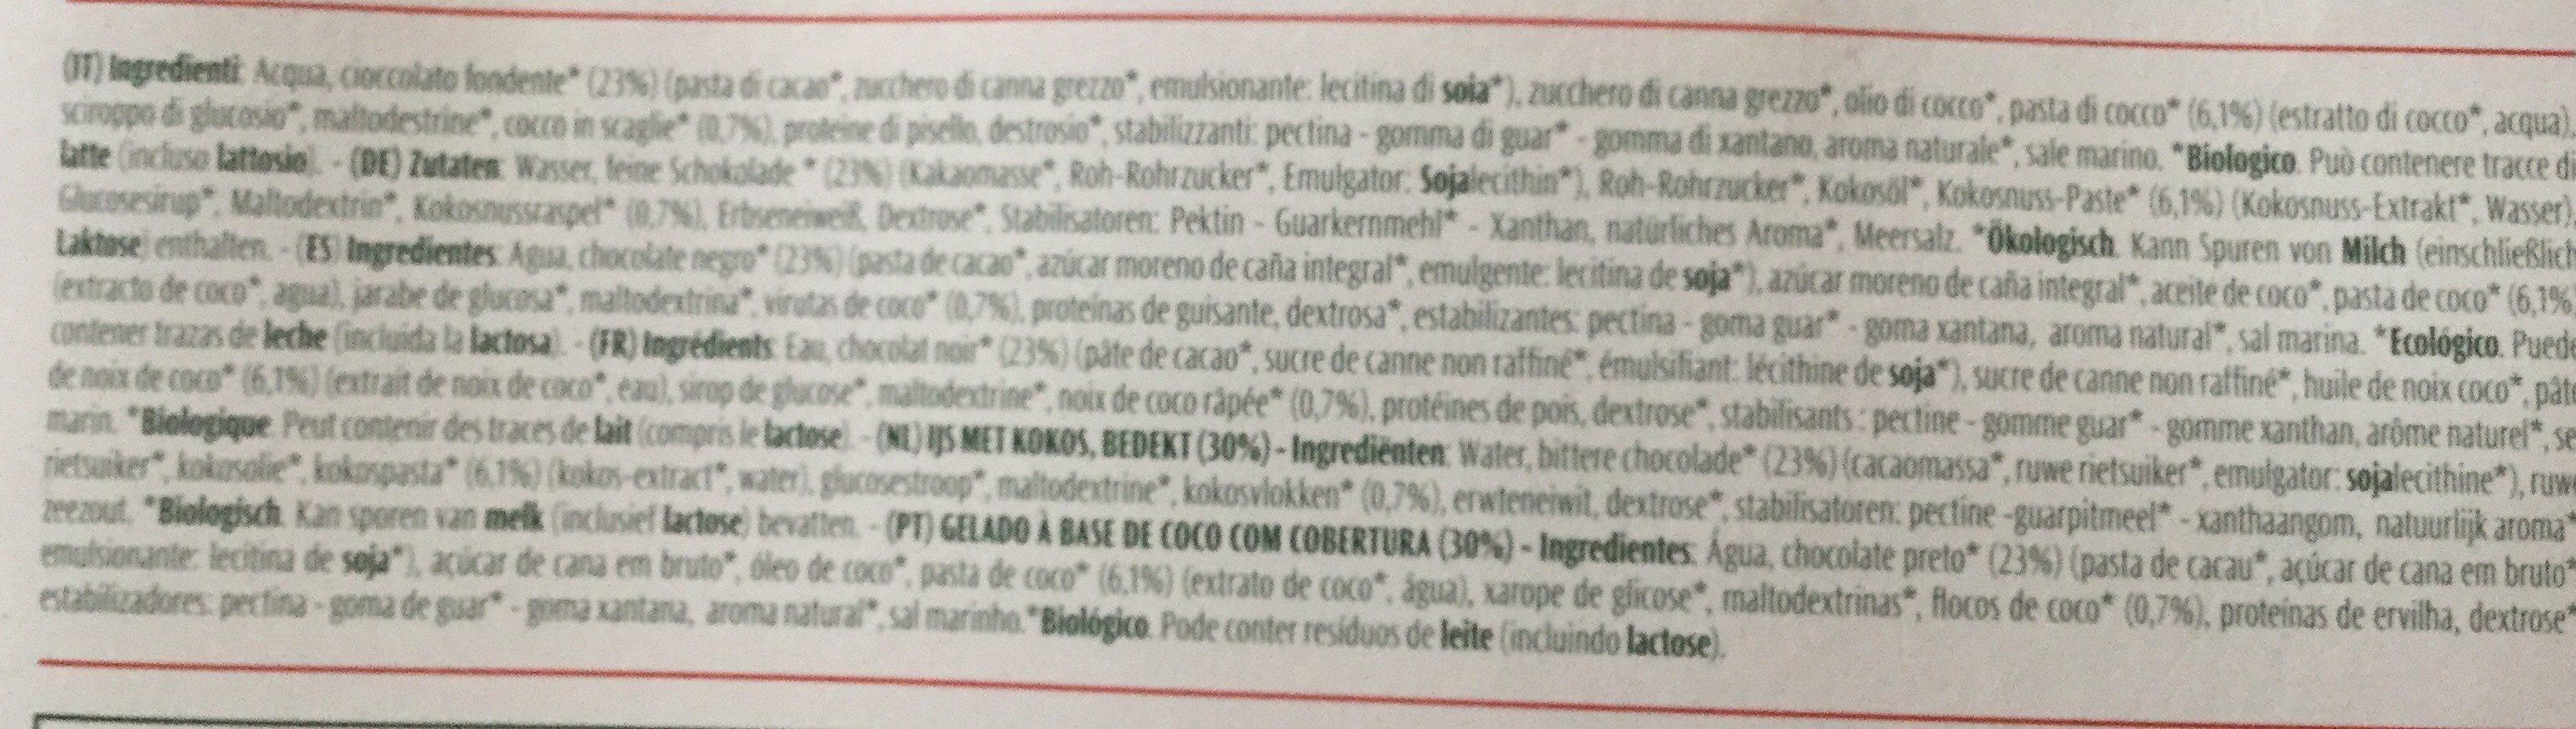 Gelato italiano - Inhaltsstoffe - fr